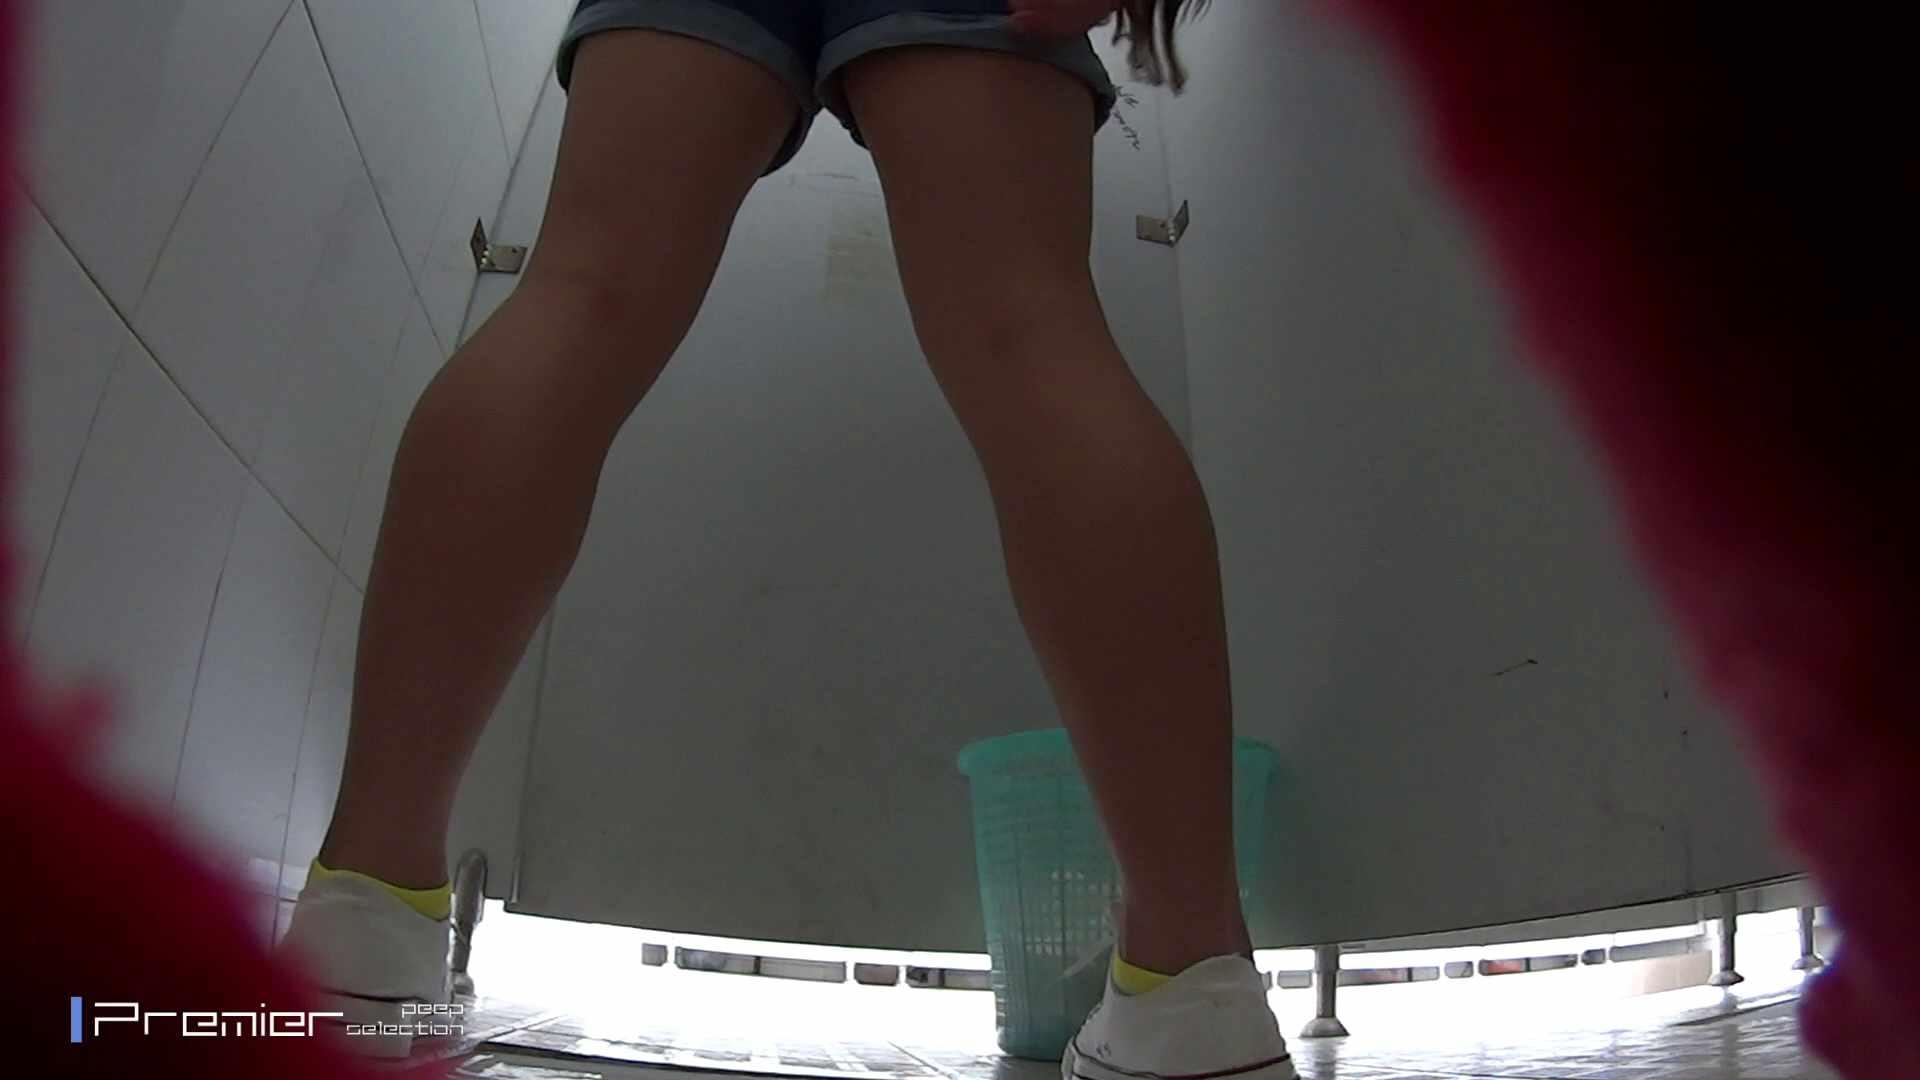 綺麗な桃尻ギャル 大学休憩時間の洗面所事情23 お姉さんのボディ ヌード画像 95PIX 93